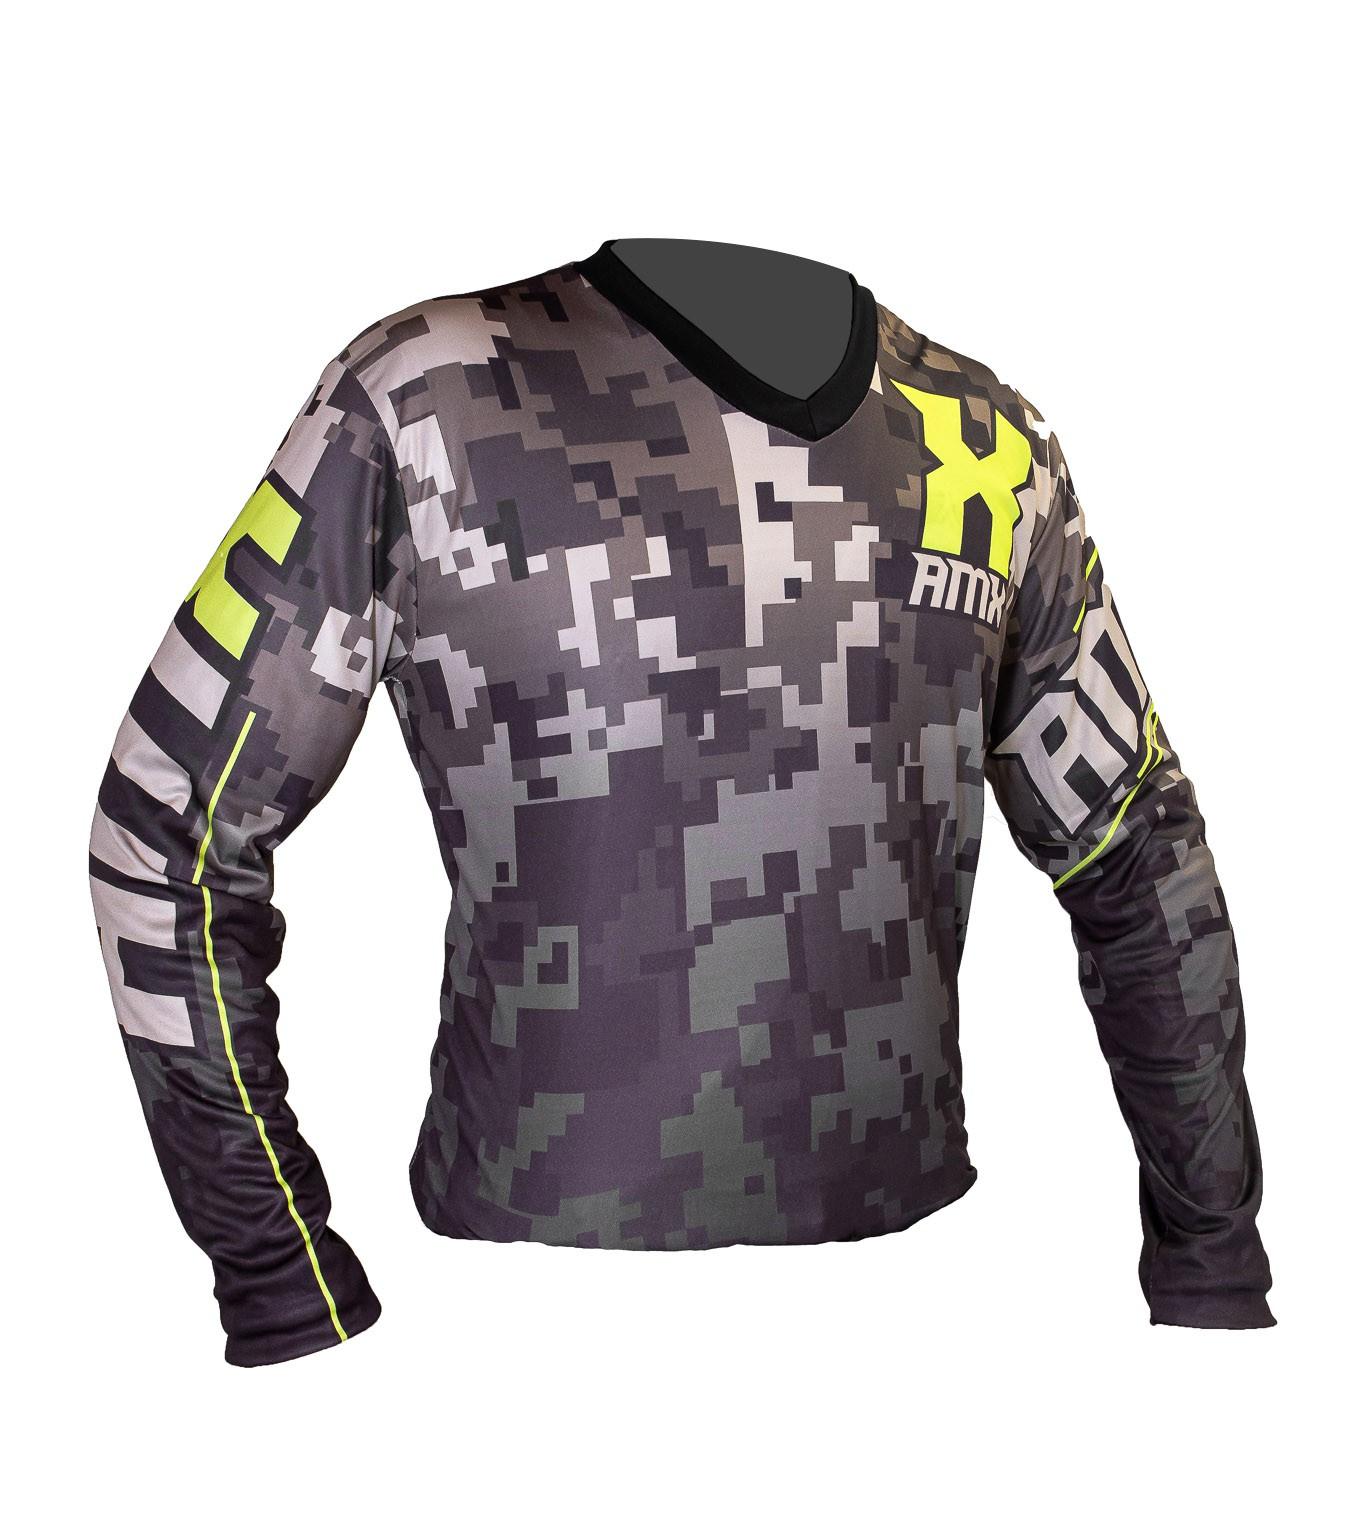 Camisa Amx Camuflada Trilha Motocross Verde Neon